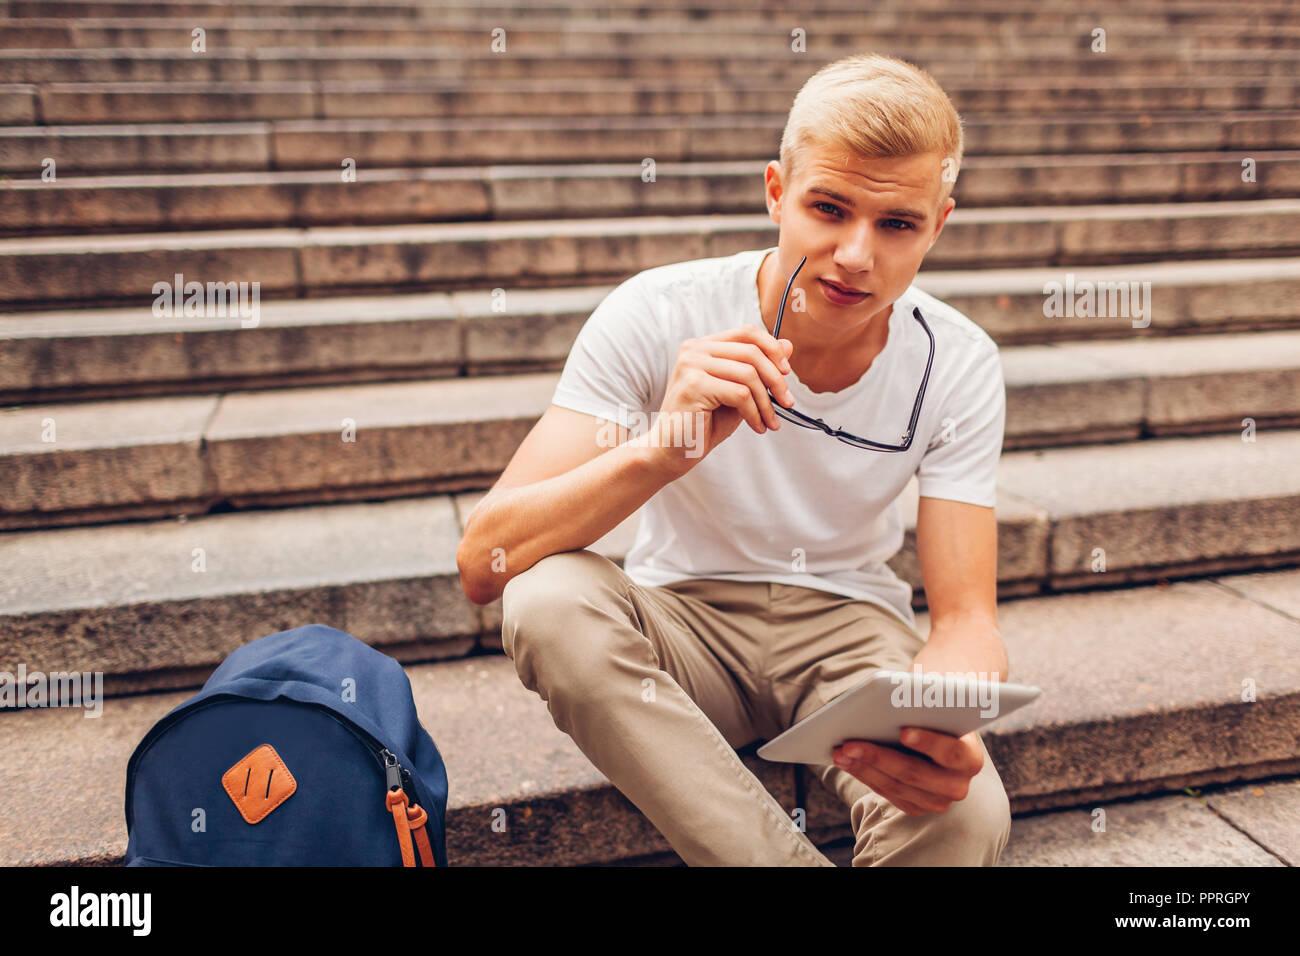 Student mit Rucksack mit Tablet sitzen auf der Treppe und halten Gläser. Guy studieren im Freien. Bildung Konzept Stockbild